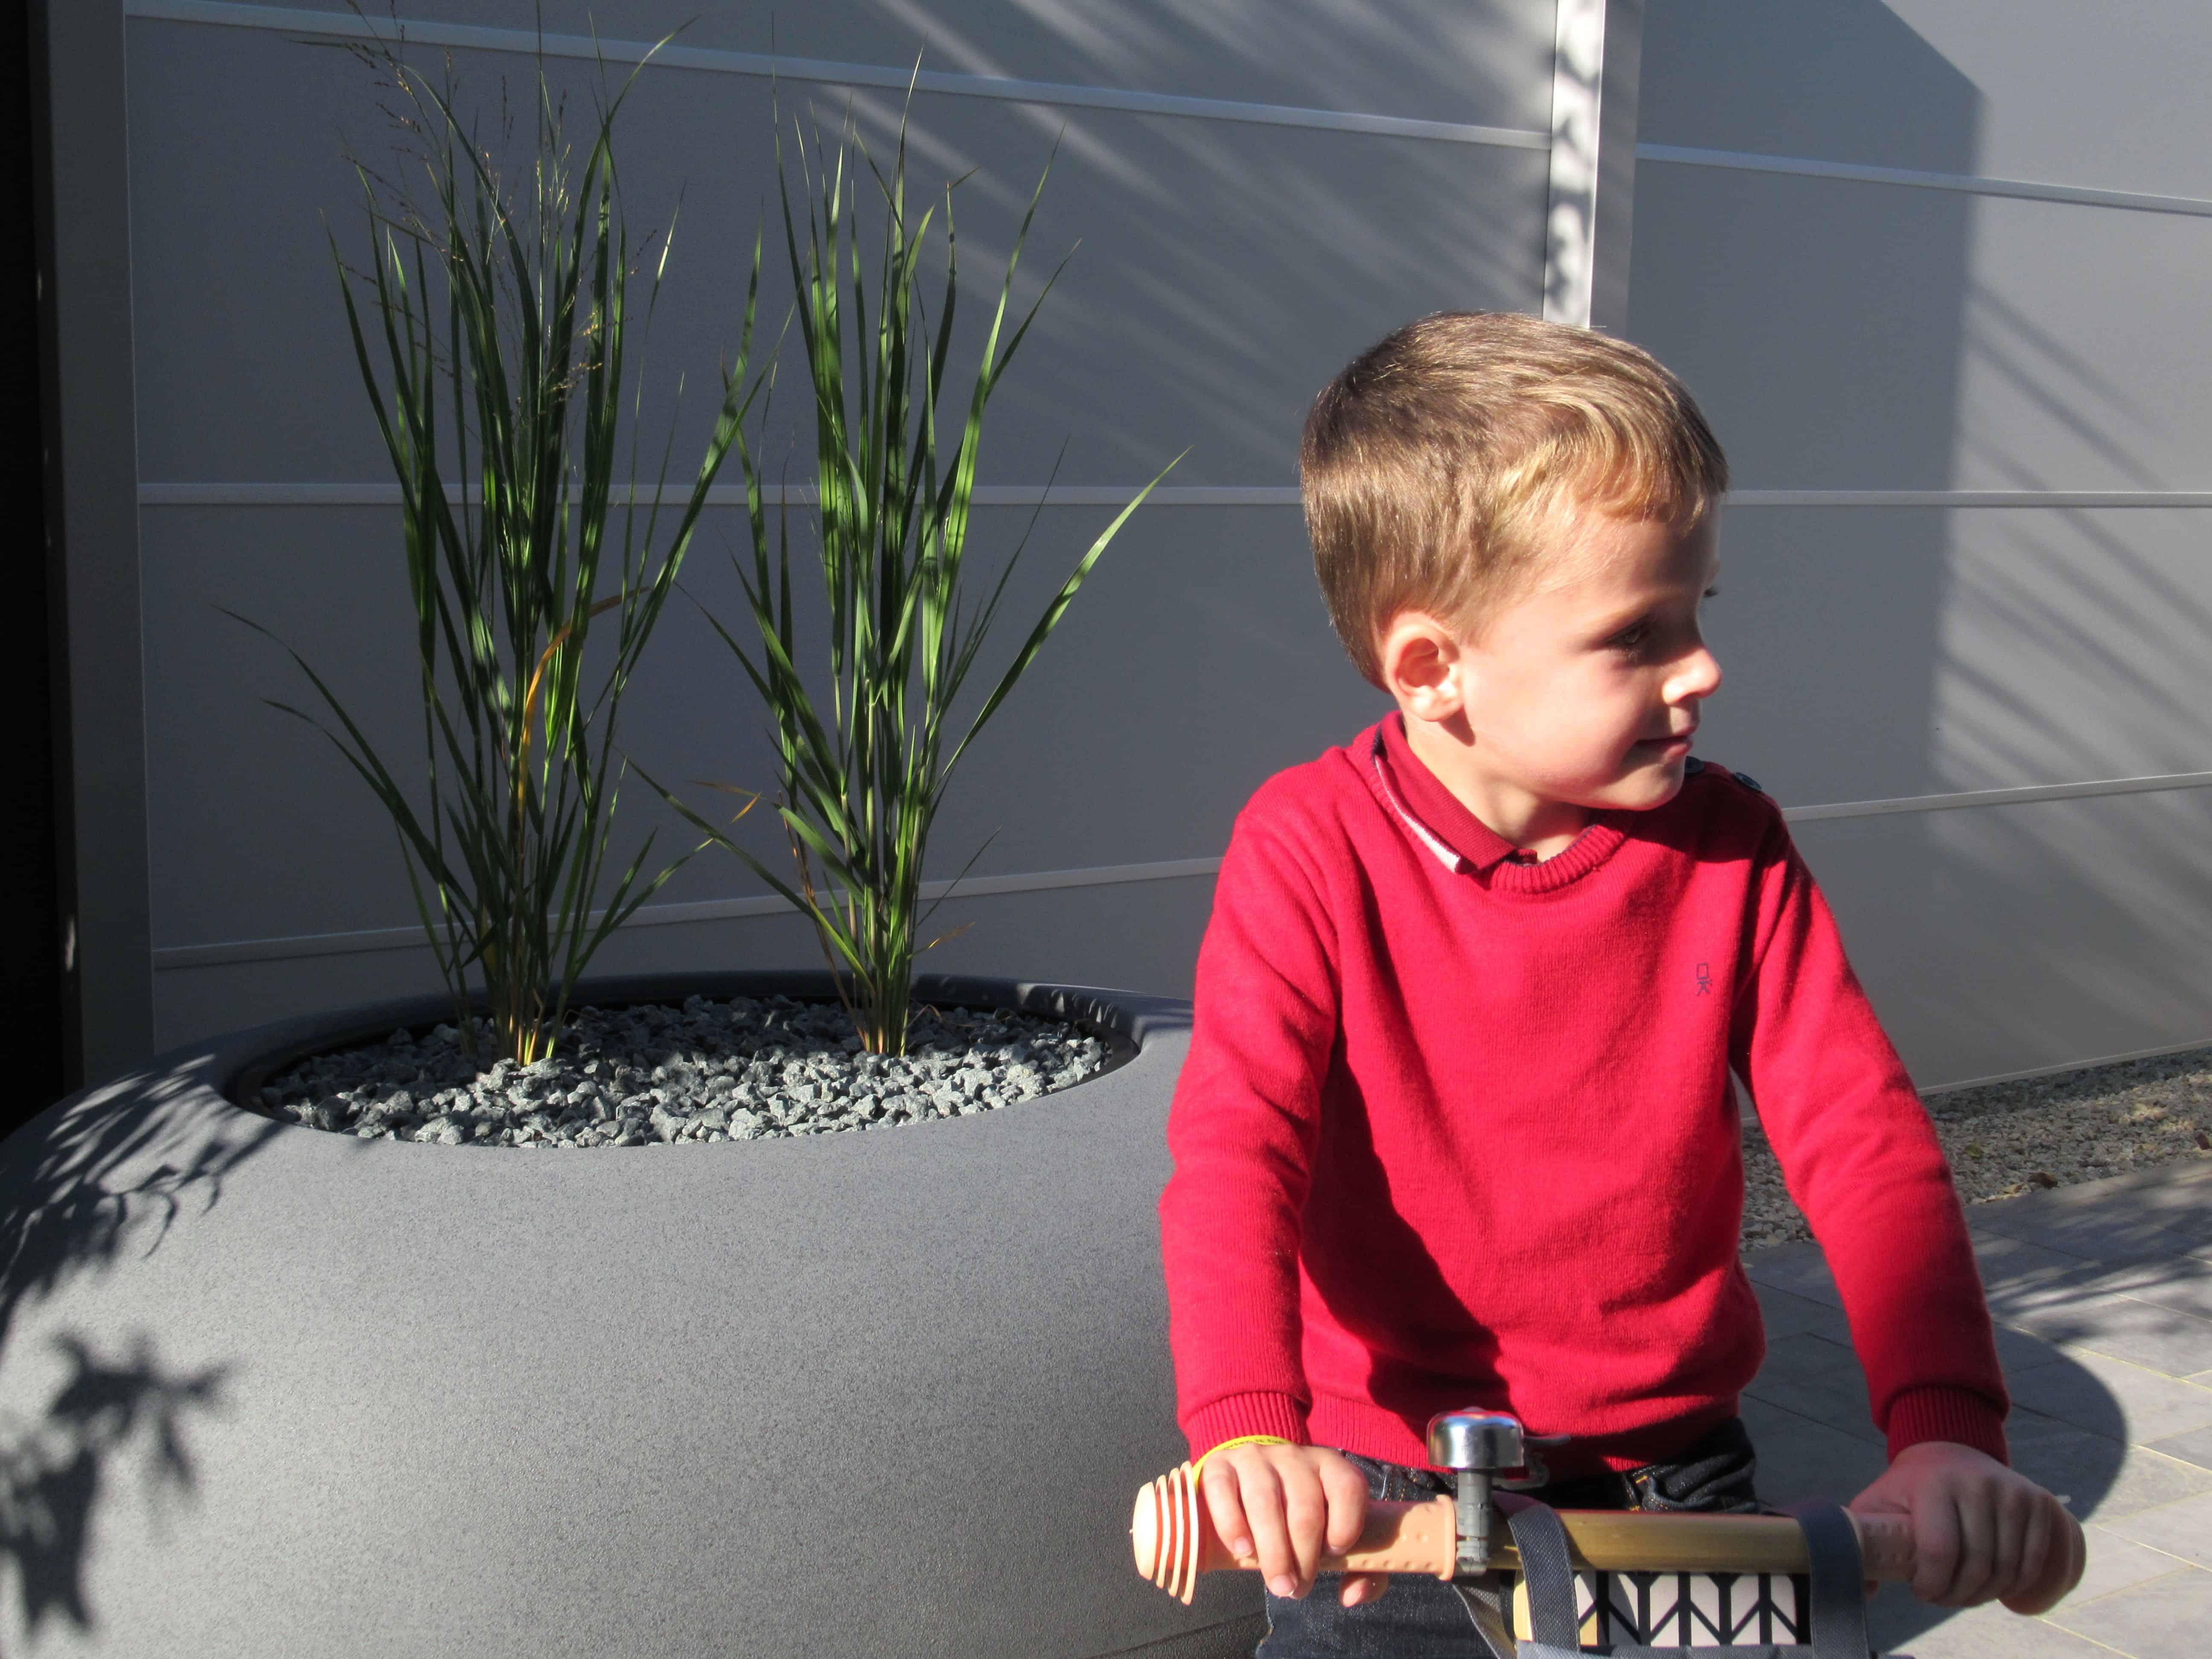 Bloempot op zijterras met kindje